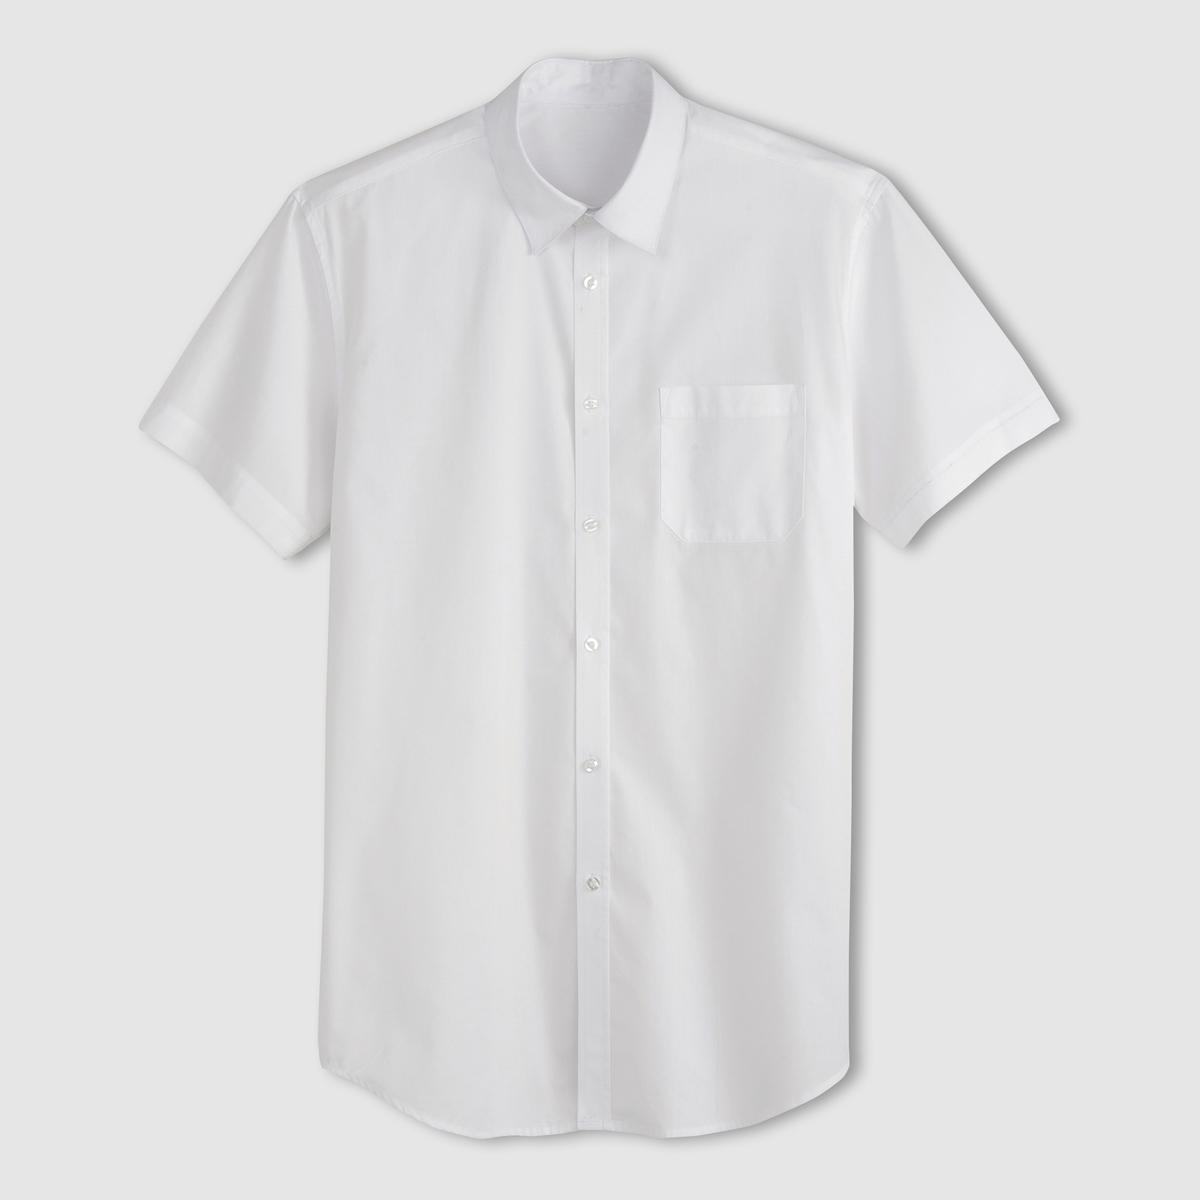 Рубашка из поплина с короткими рукавами, рост 3Рост 3 (при росте от 187 см) :- длина рубашки спереди : 87 см для размера 41/42 и 96 см для размера 59/60.- длина рукавов : 24 см для размера 41/42 и 28,5 см для размера 59/60.Данная модель представлена также для роста 1 и 2 (при росте до 187 см) и с длинными рукавами.<br><br>Цвет: белый,голубой,синий в полоску,темно-синий,черный<br>Размер: 41/42.43/44.49/50.51/52.53/54.53/54.41/42.49/50.55/56.43/44.49/50.53/54